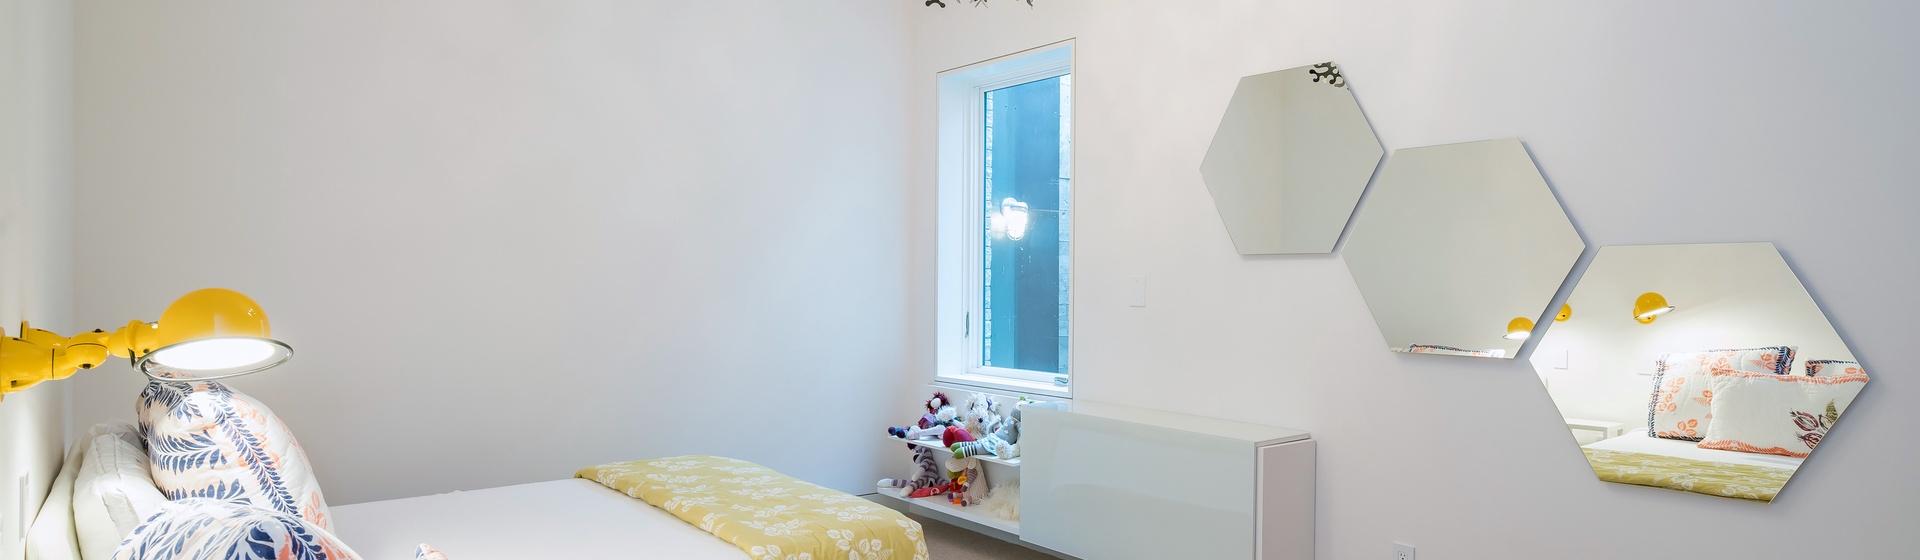 24-Telluride-The-Sunnyside-Two-Full-Bedroom-Web.jpg